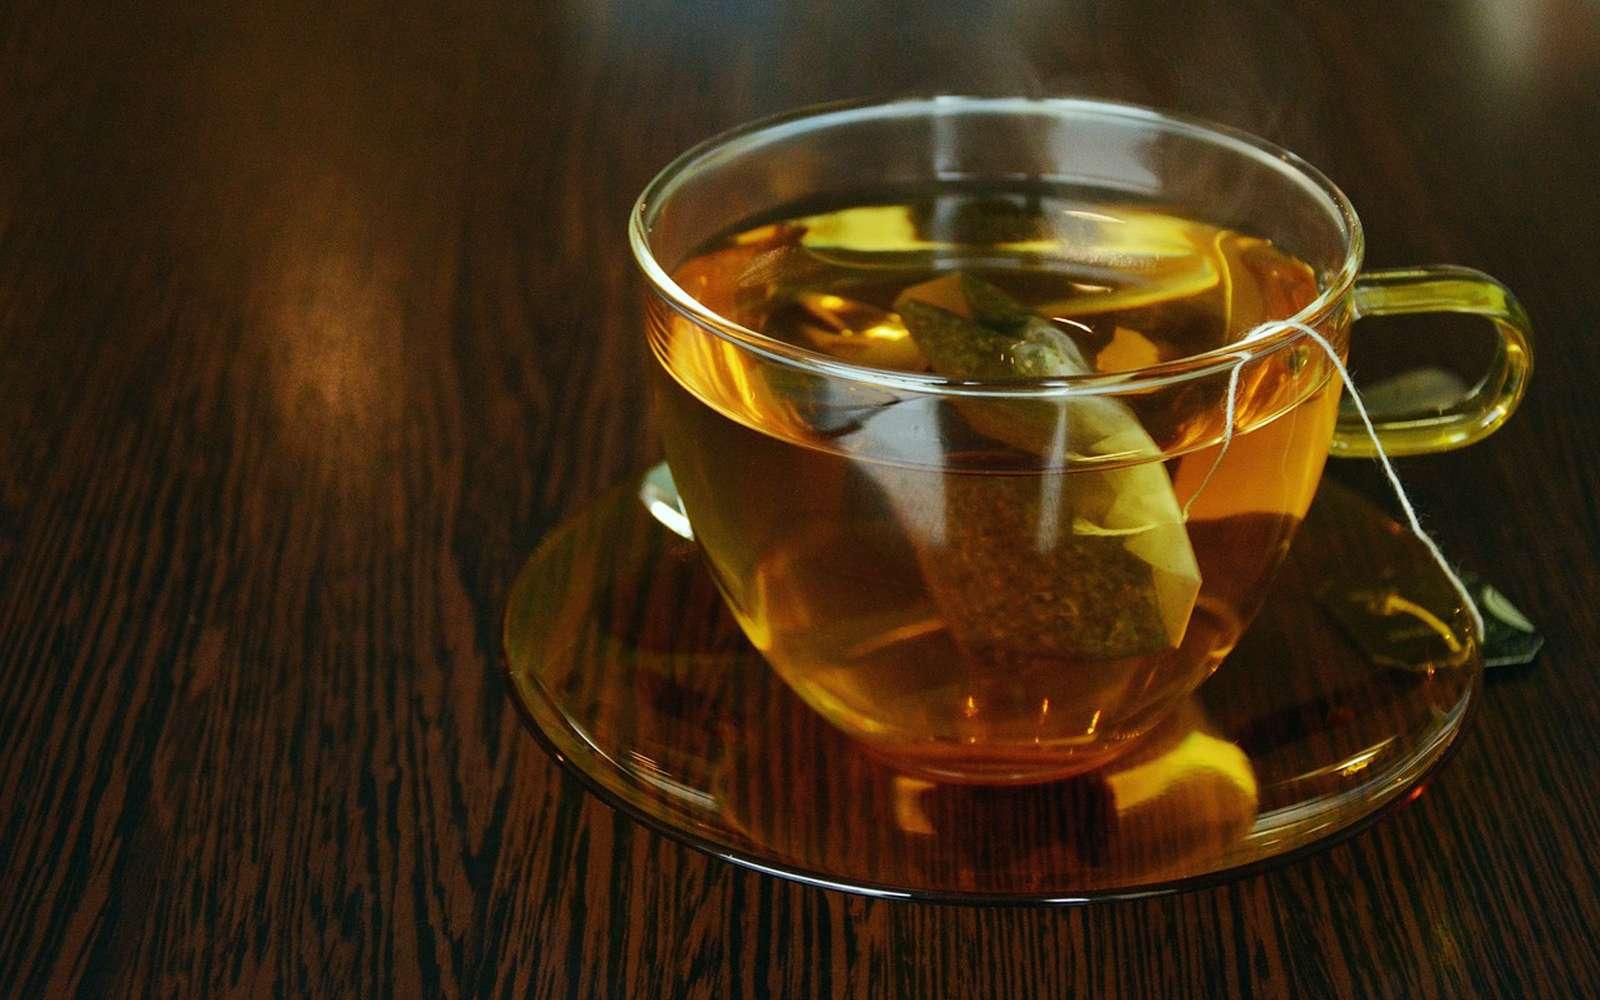 Des chercheurs de l'université McGill (Canada) ont analysé des eaux dans lesquelles des sachets de thé en plastique ont infusé. Elles grouillaient de particules de plastique. © congerdesign, Pixabay License